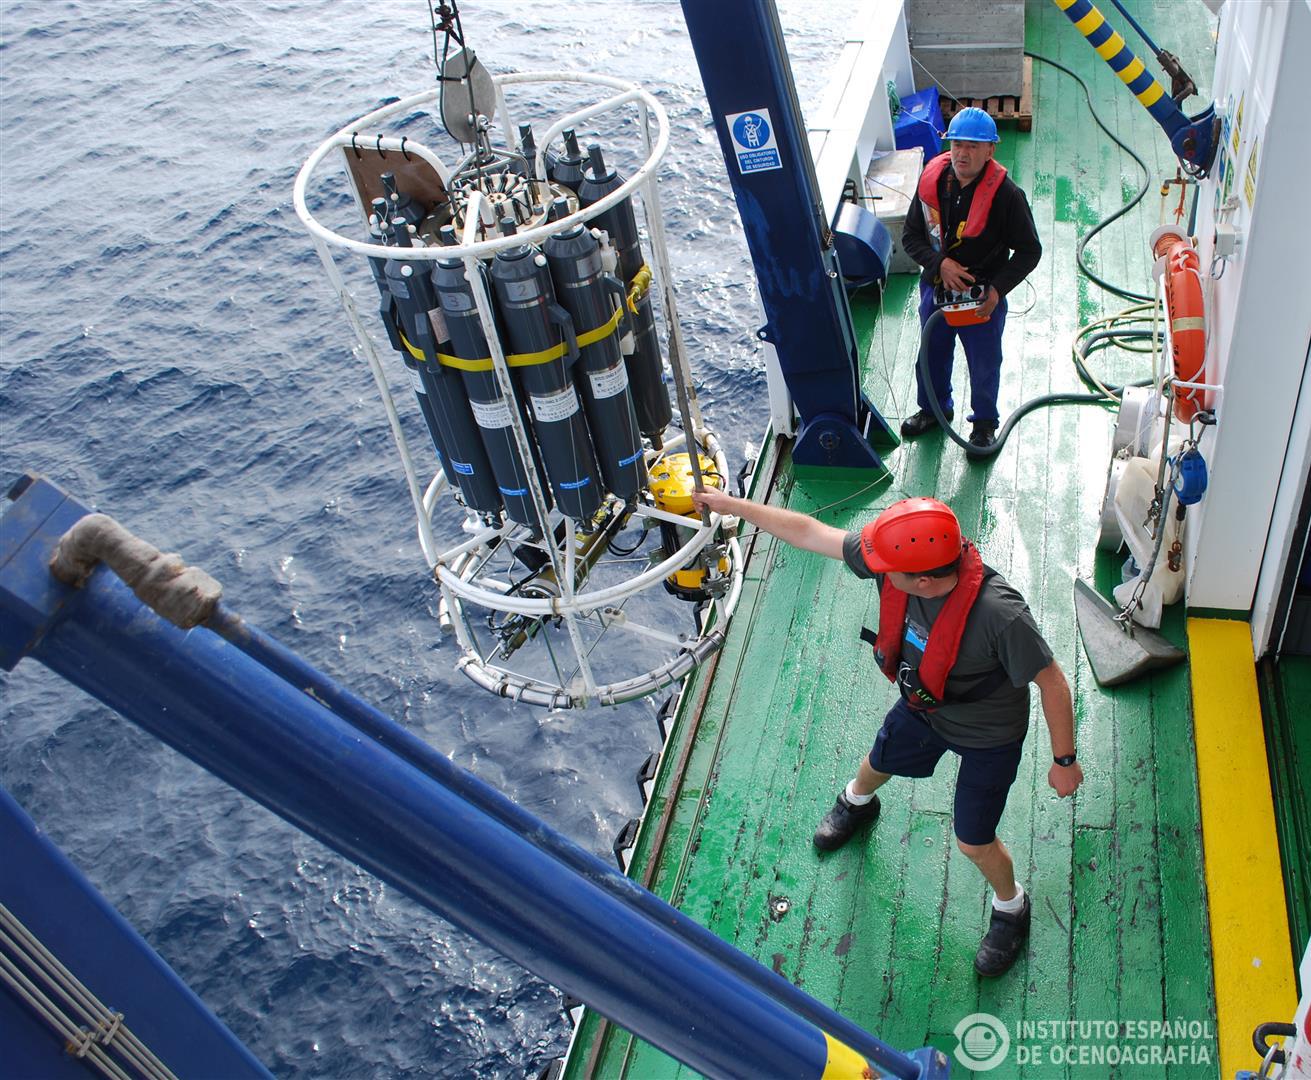 La roseta oceanográfica es el instrumento estrella de la oceanografía. Imagen: IEO